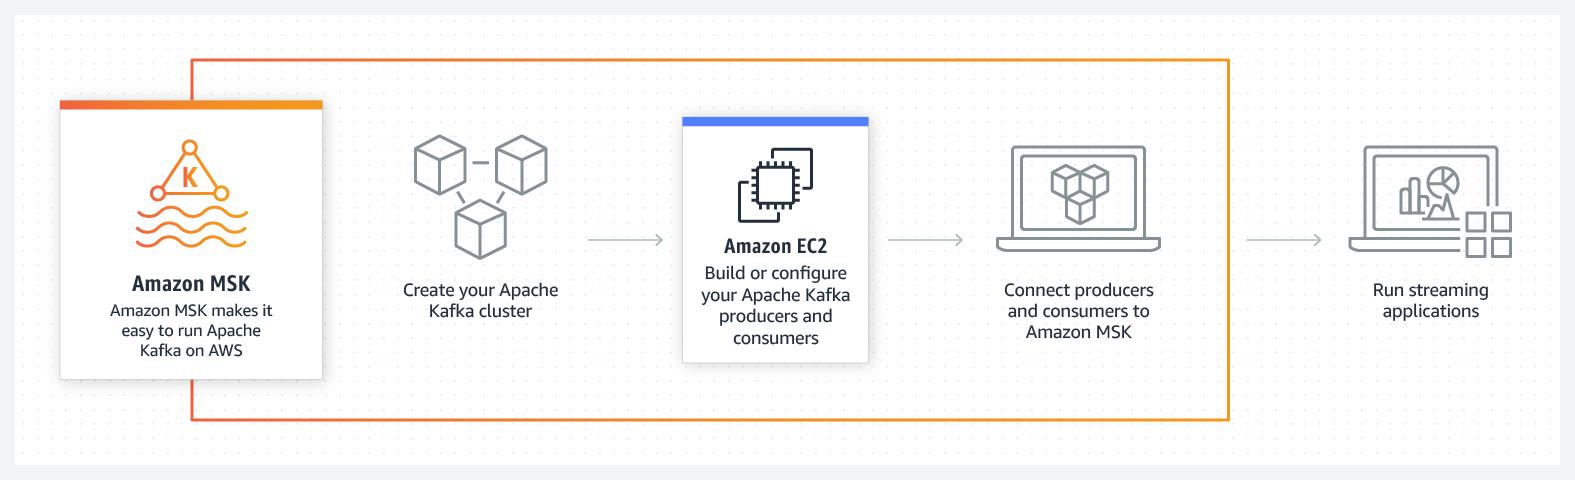 Amazon MSK 工作原理图